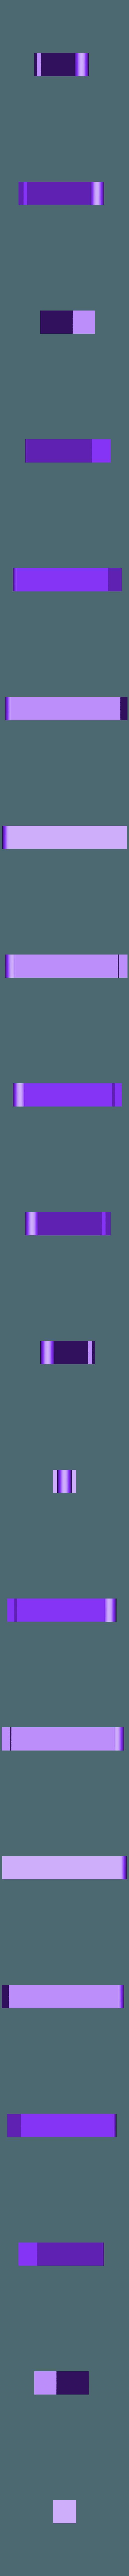 Dynavap_Case_1120_v4_Cutoff_Switch_Replacement_Post.stl Télécharger fichier STL gratuit Dyna-Heat v4 1120 Pélican Case Induction Heater • Objet imprimable en 3D, PM_ME_YOUR_VALUE